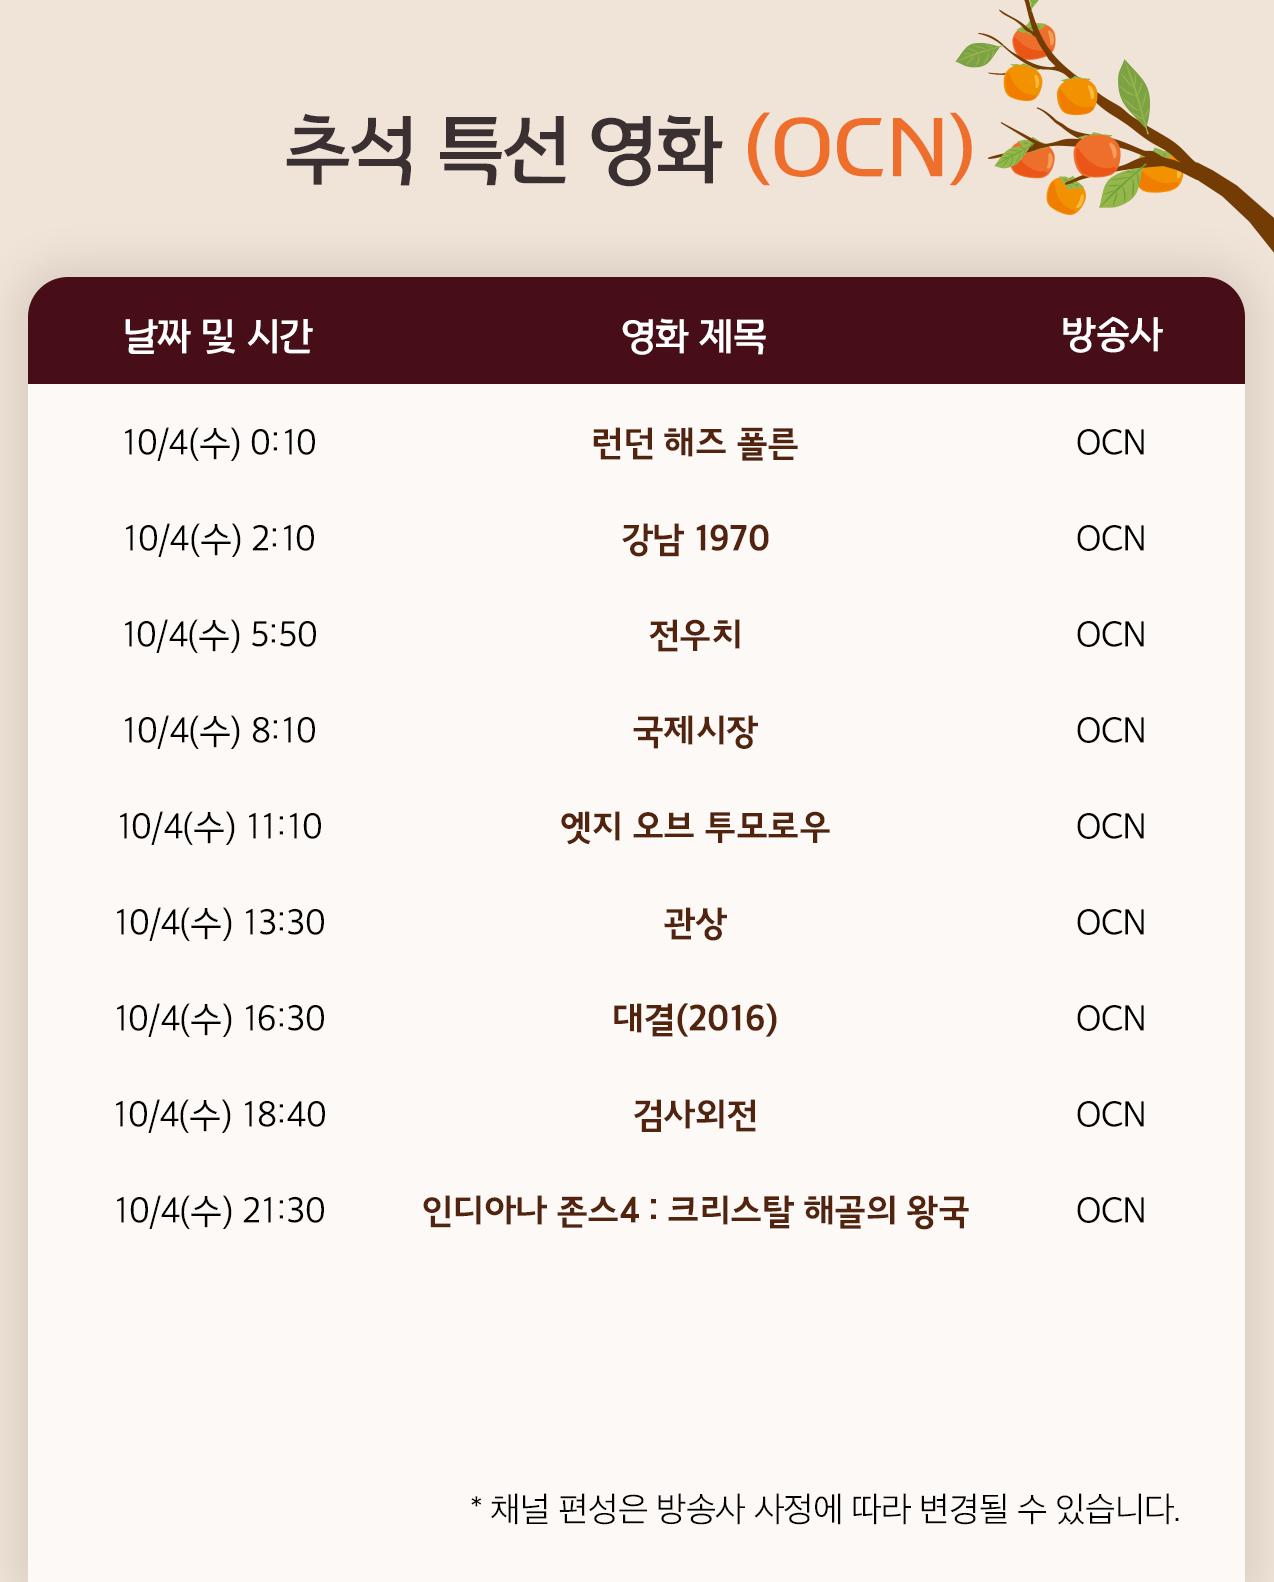 방콕러를 위한 추석 연휴 영화 편성표 정리!